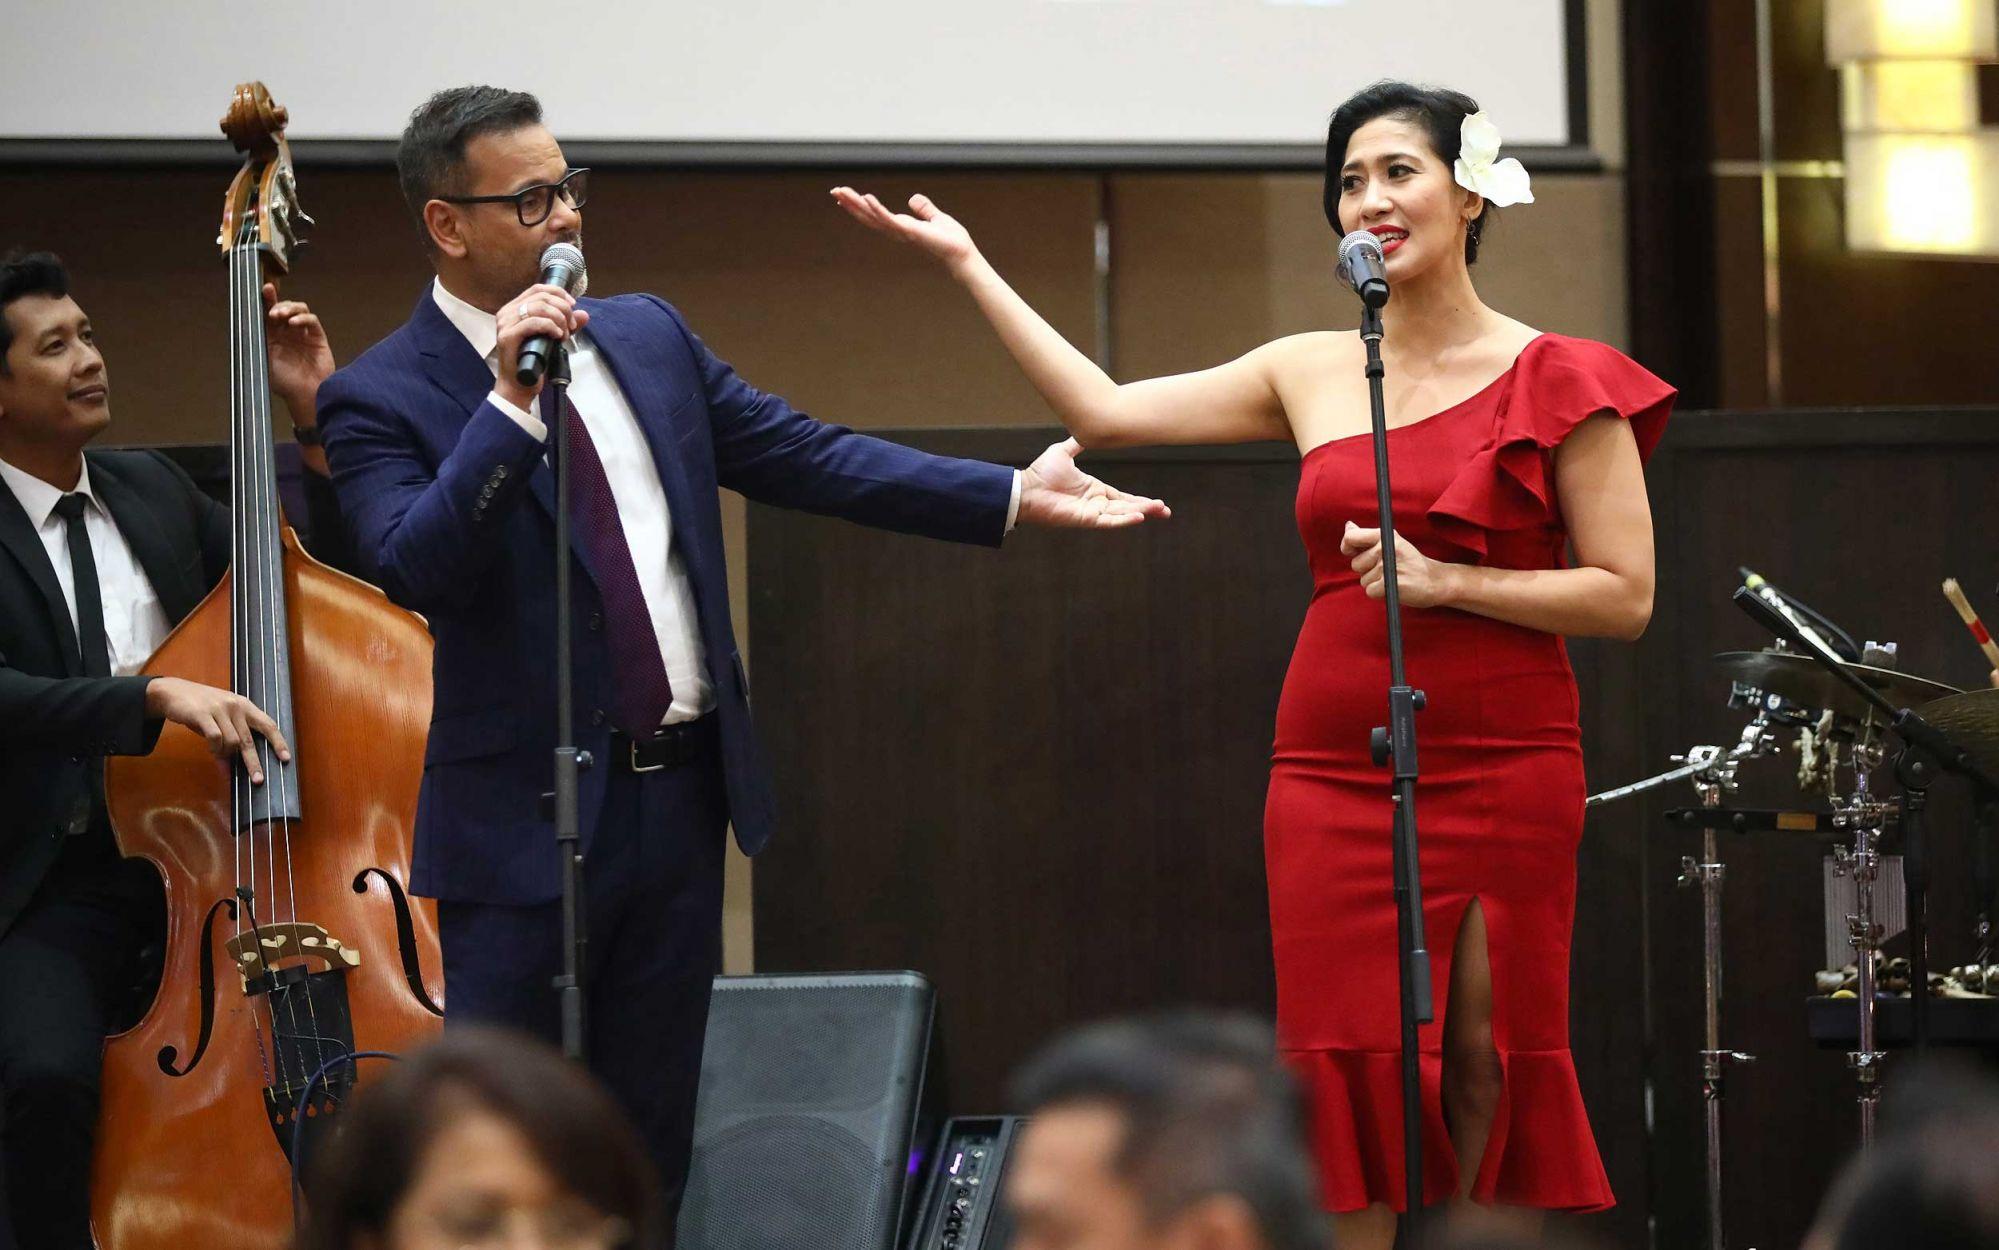 Sean Ghazi and Ida Mariana